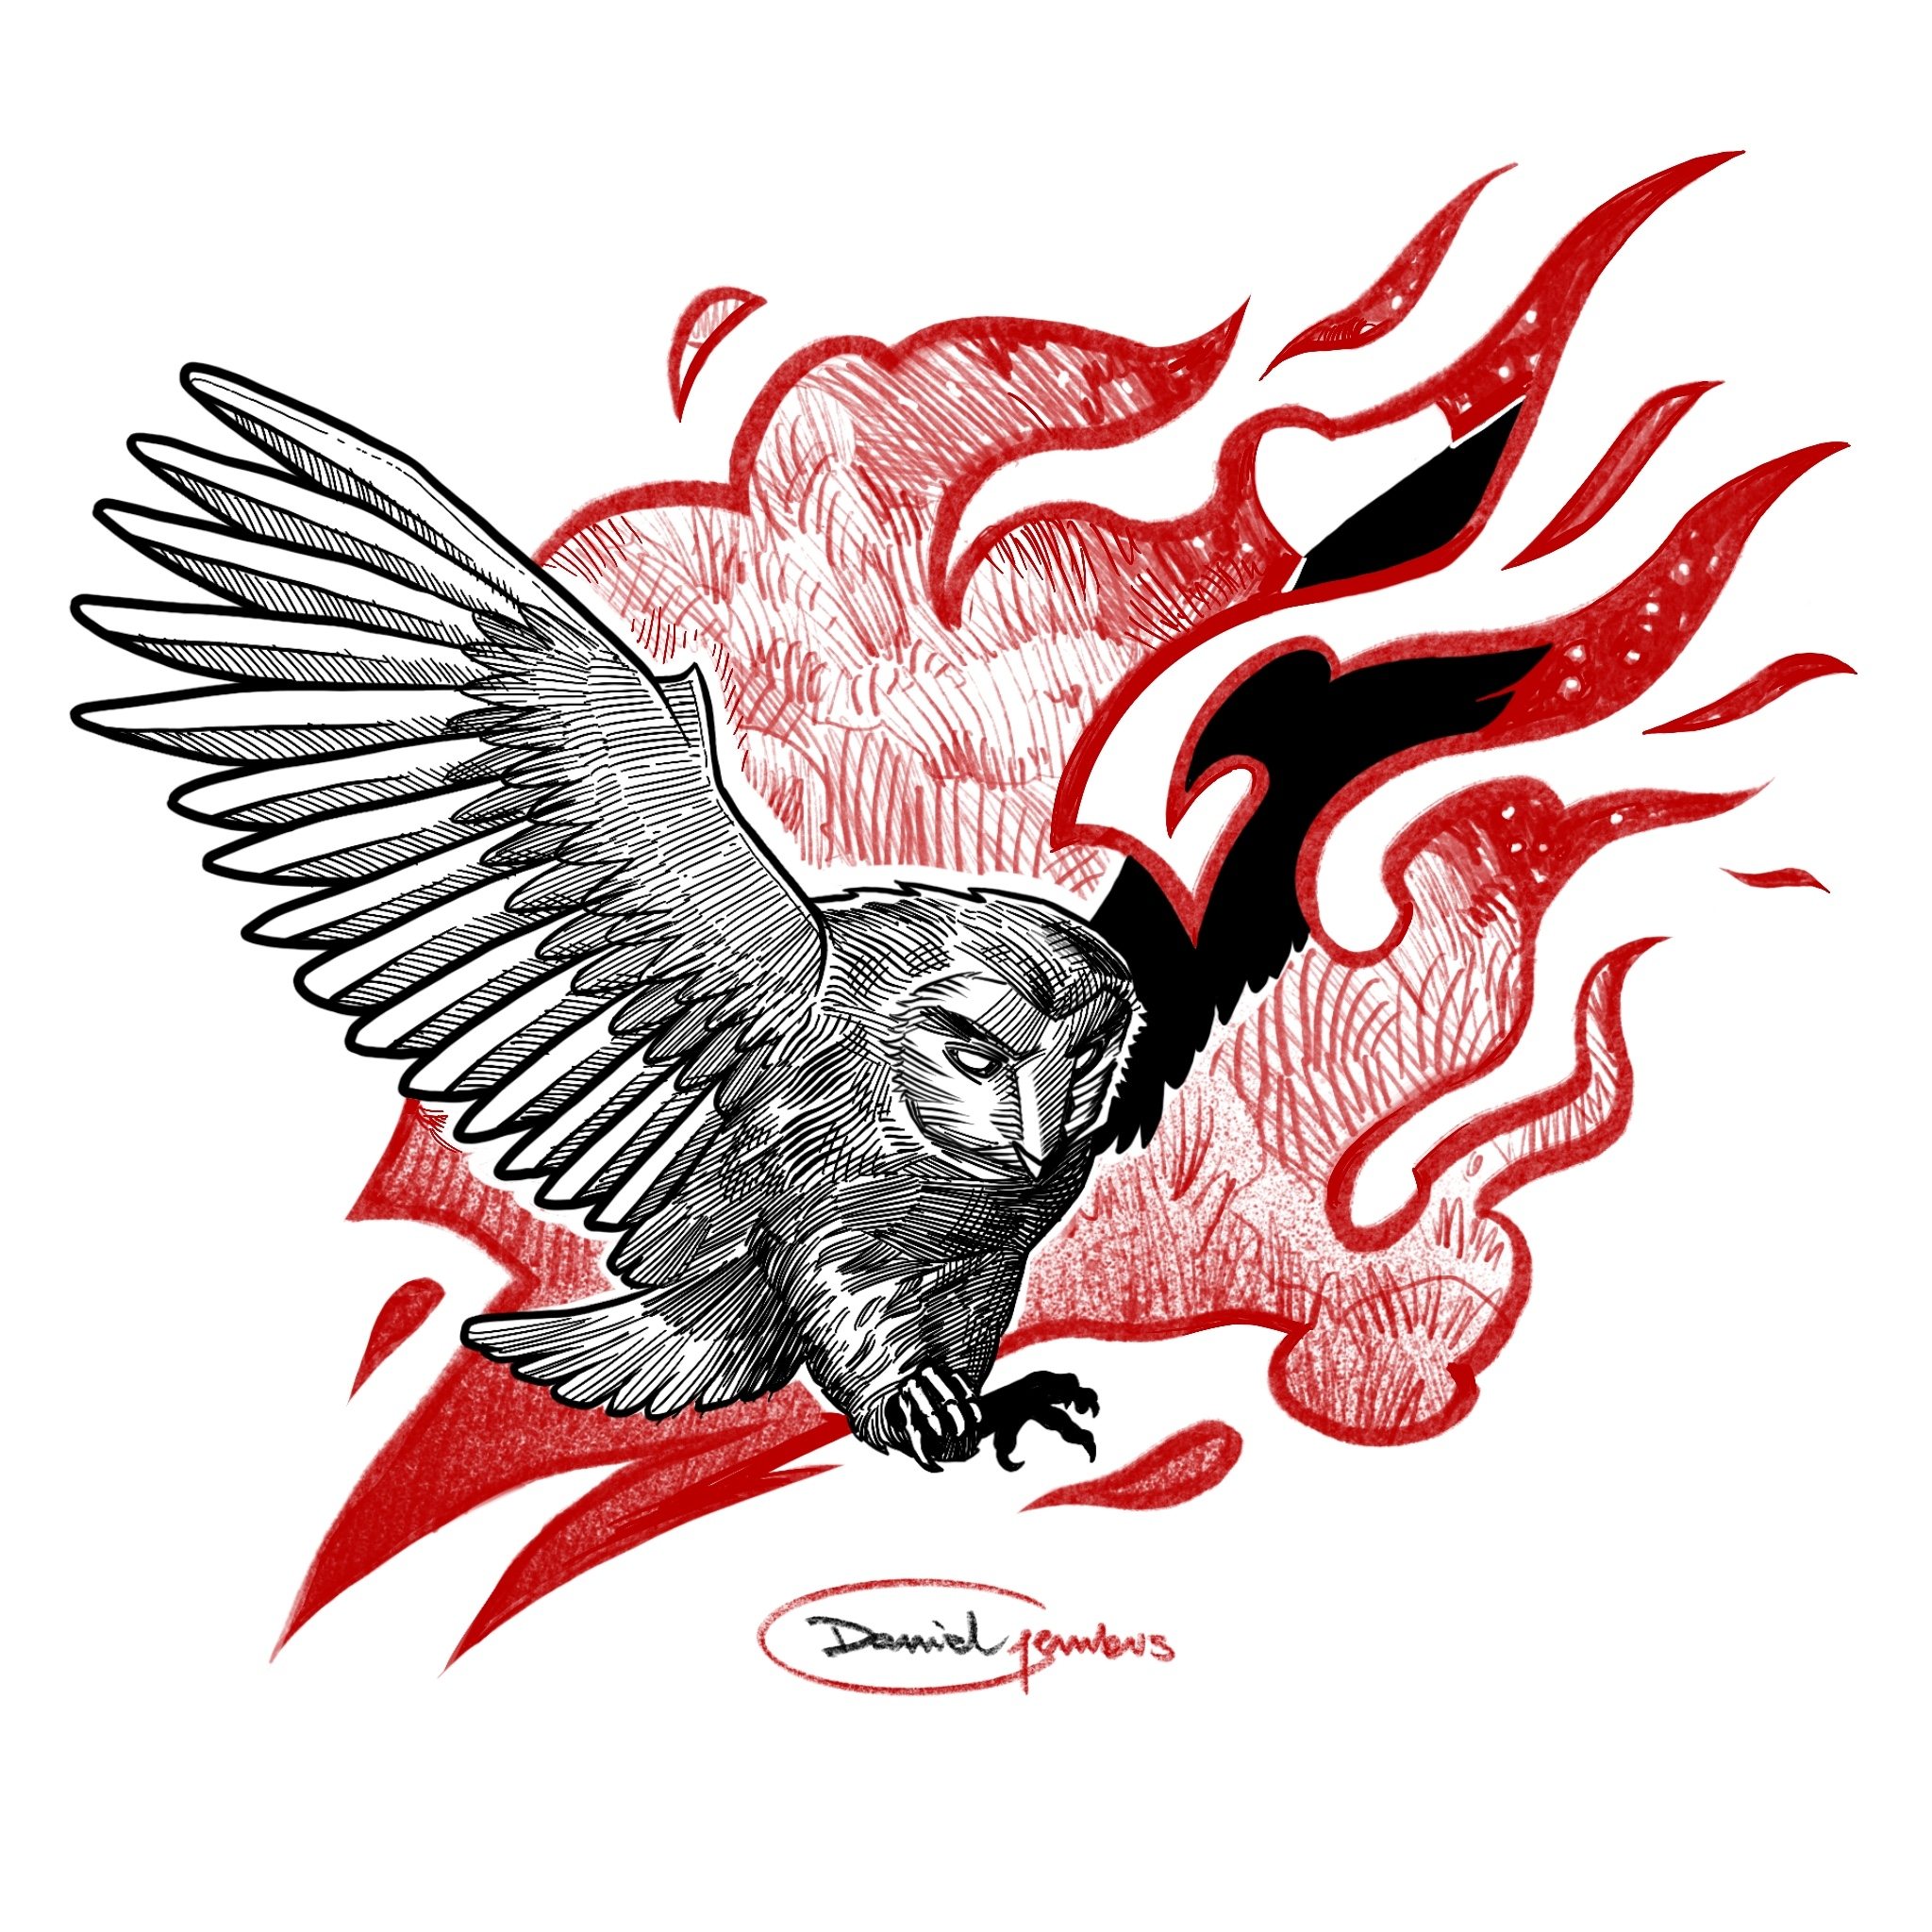 Inksearch tattoo Daniel Gembus